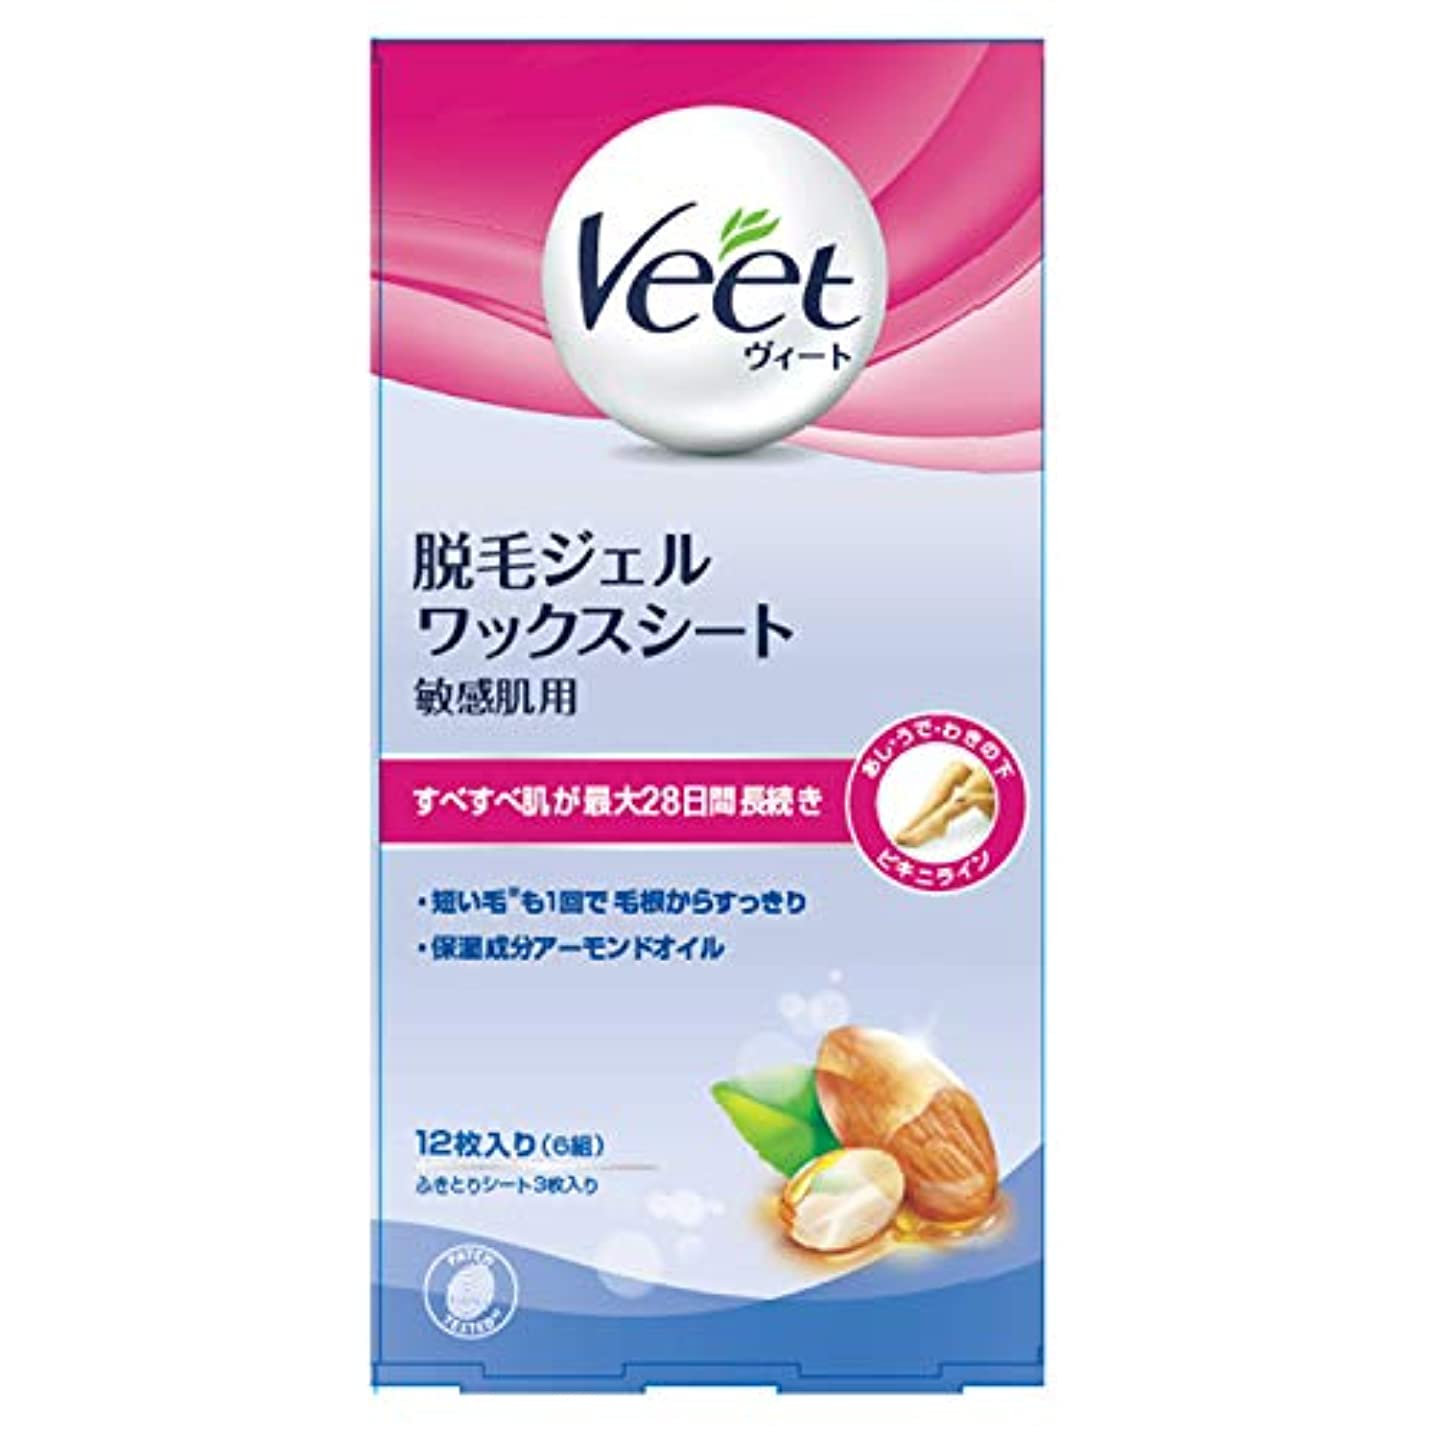 振るう中傷謝罪するヴィート 脱毛ワックスシート 敏感肌用 (Veet Wax Strips Sensitive)